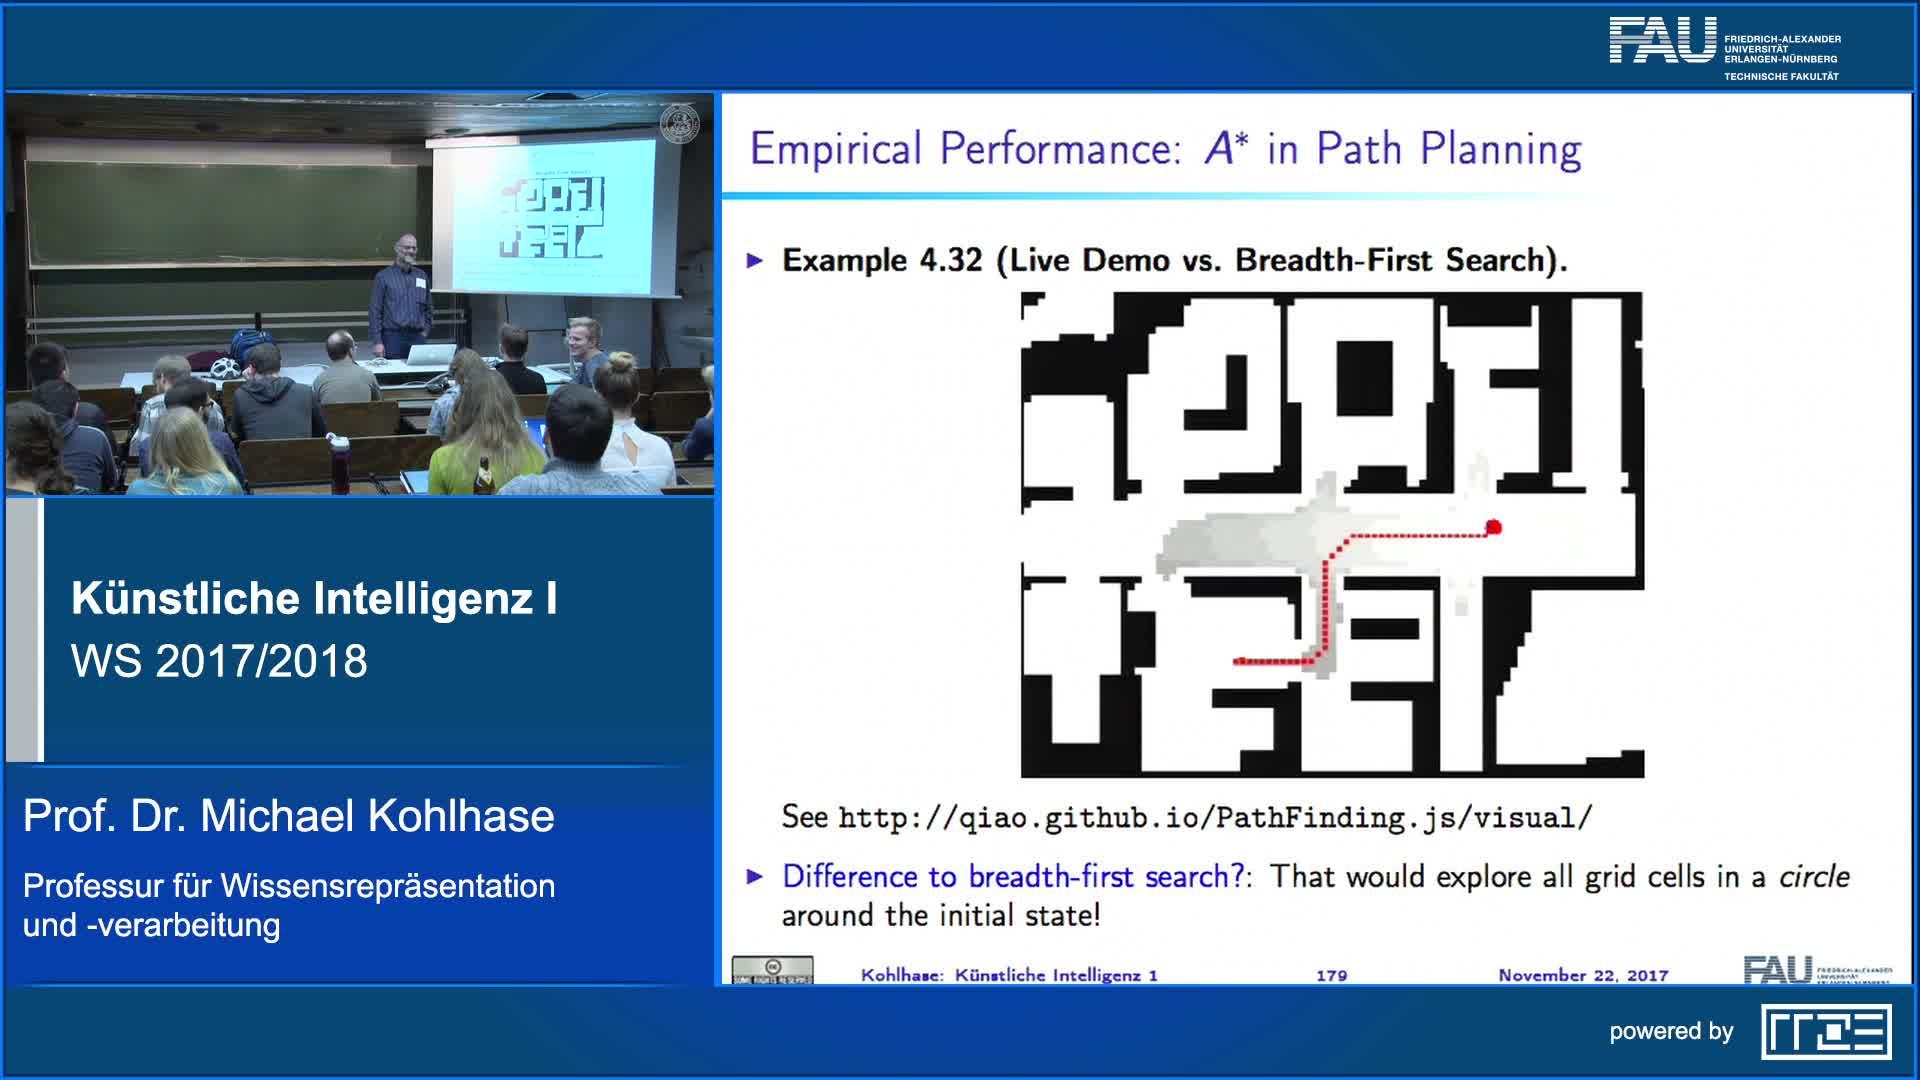 Künstliche Intelligenz I preview image